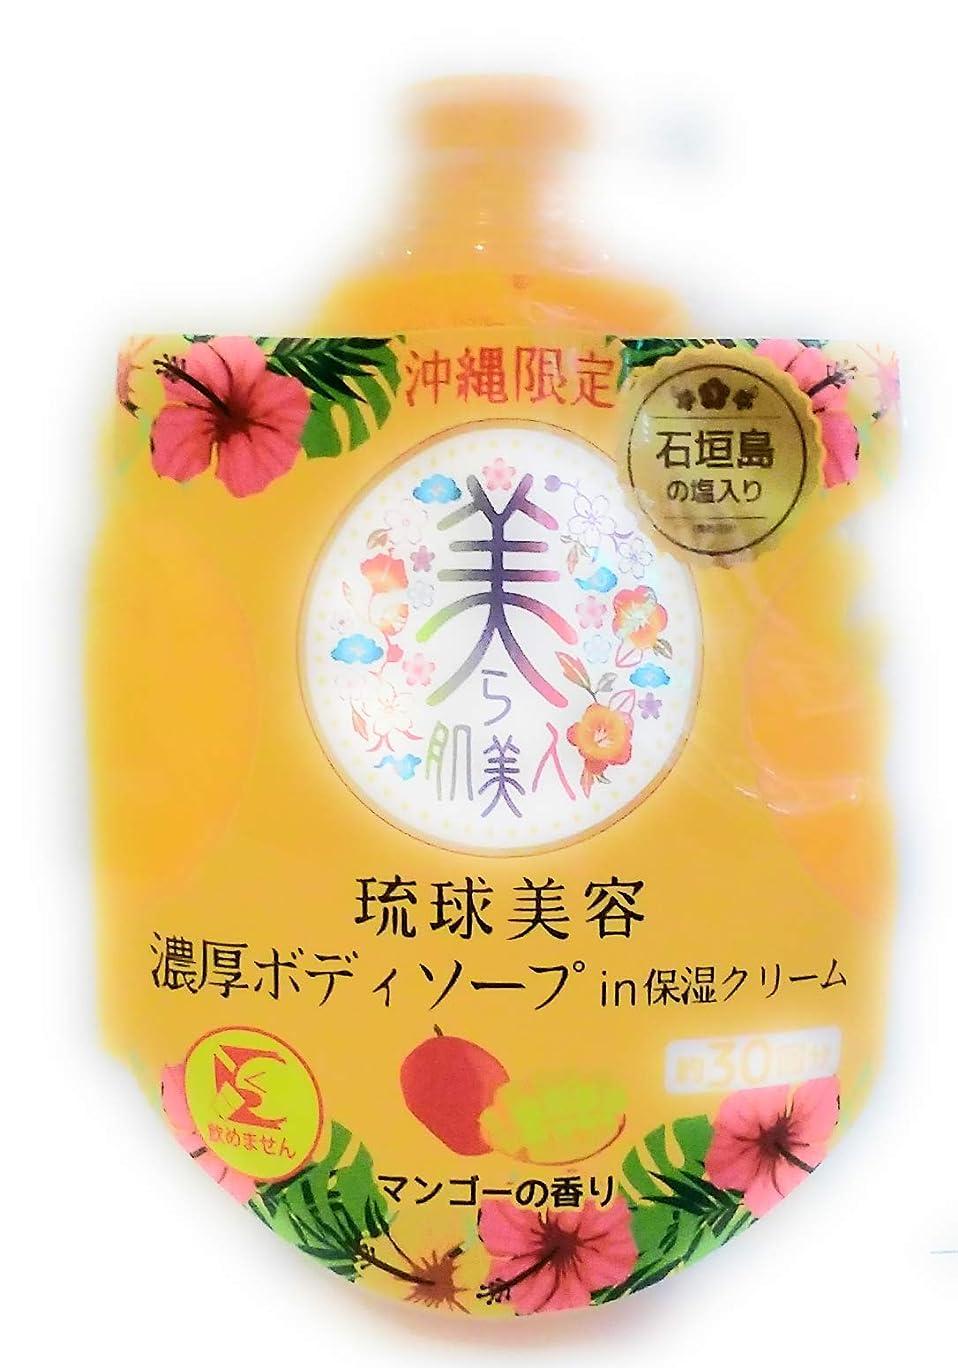 消費するライター成り立つ沖縄限定 美ら肌美人 琉球美容濃厚ボディソープin保湿クリーム マンゴーの香り